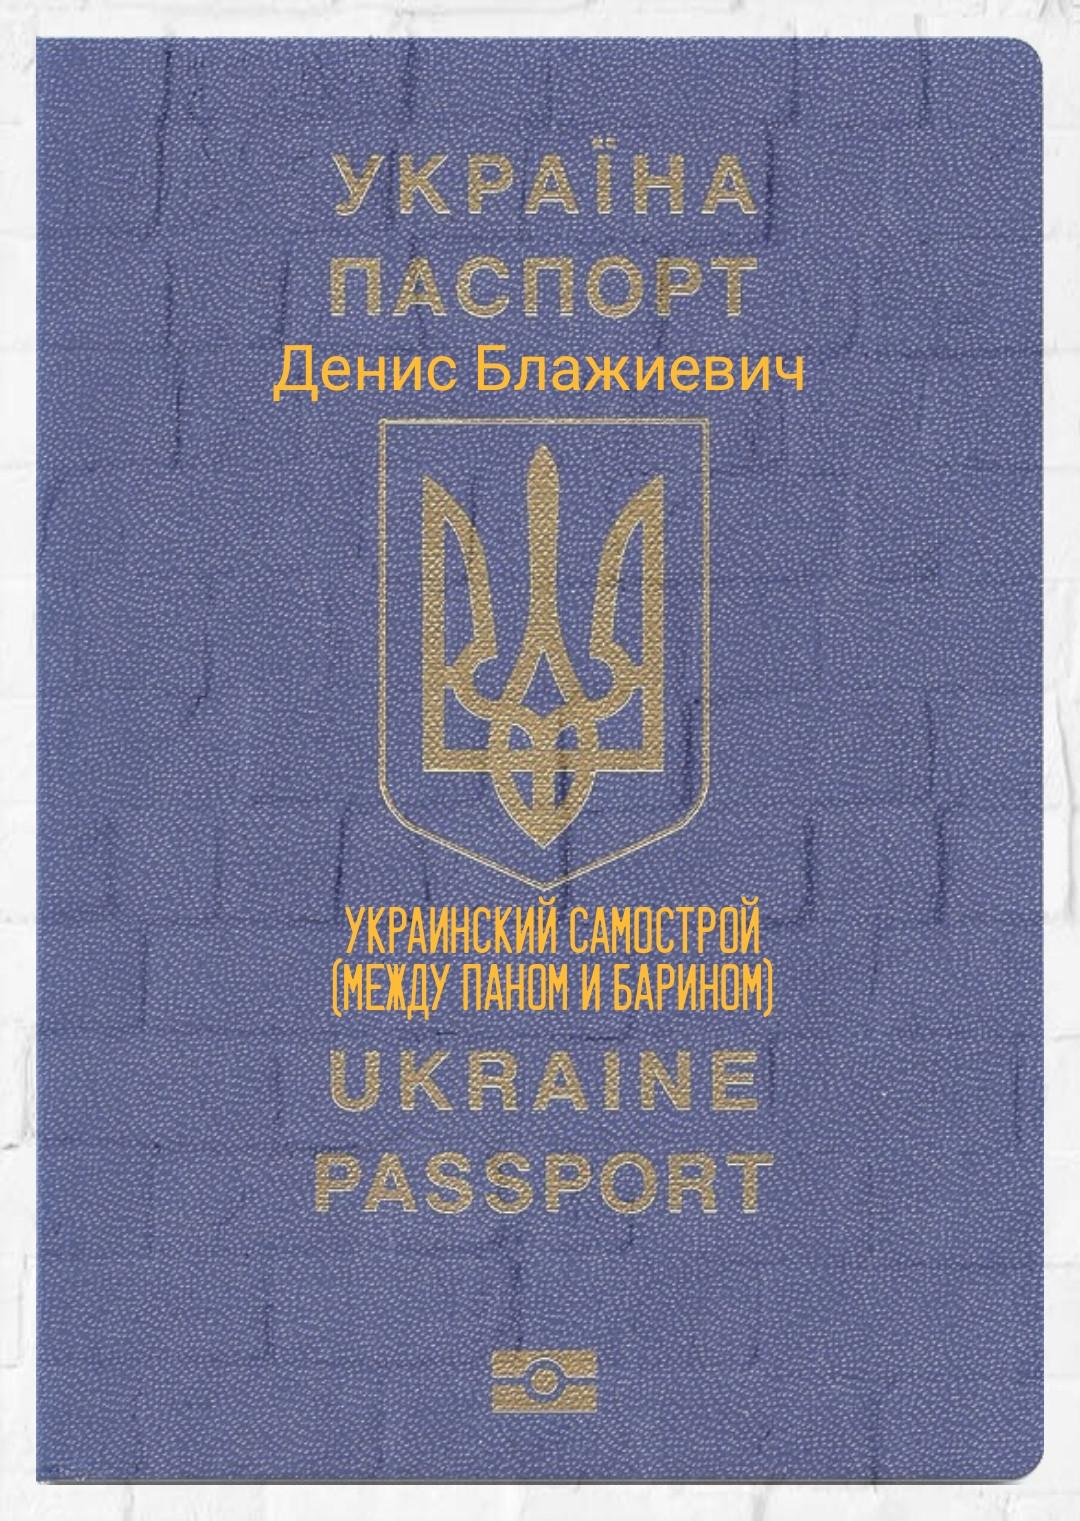 На фото: Украинский самострой (между паном и барином), автор: Prohneploh